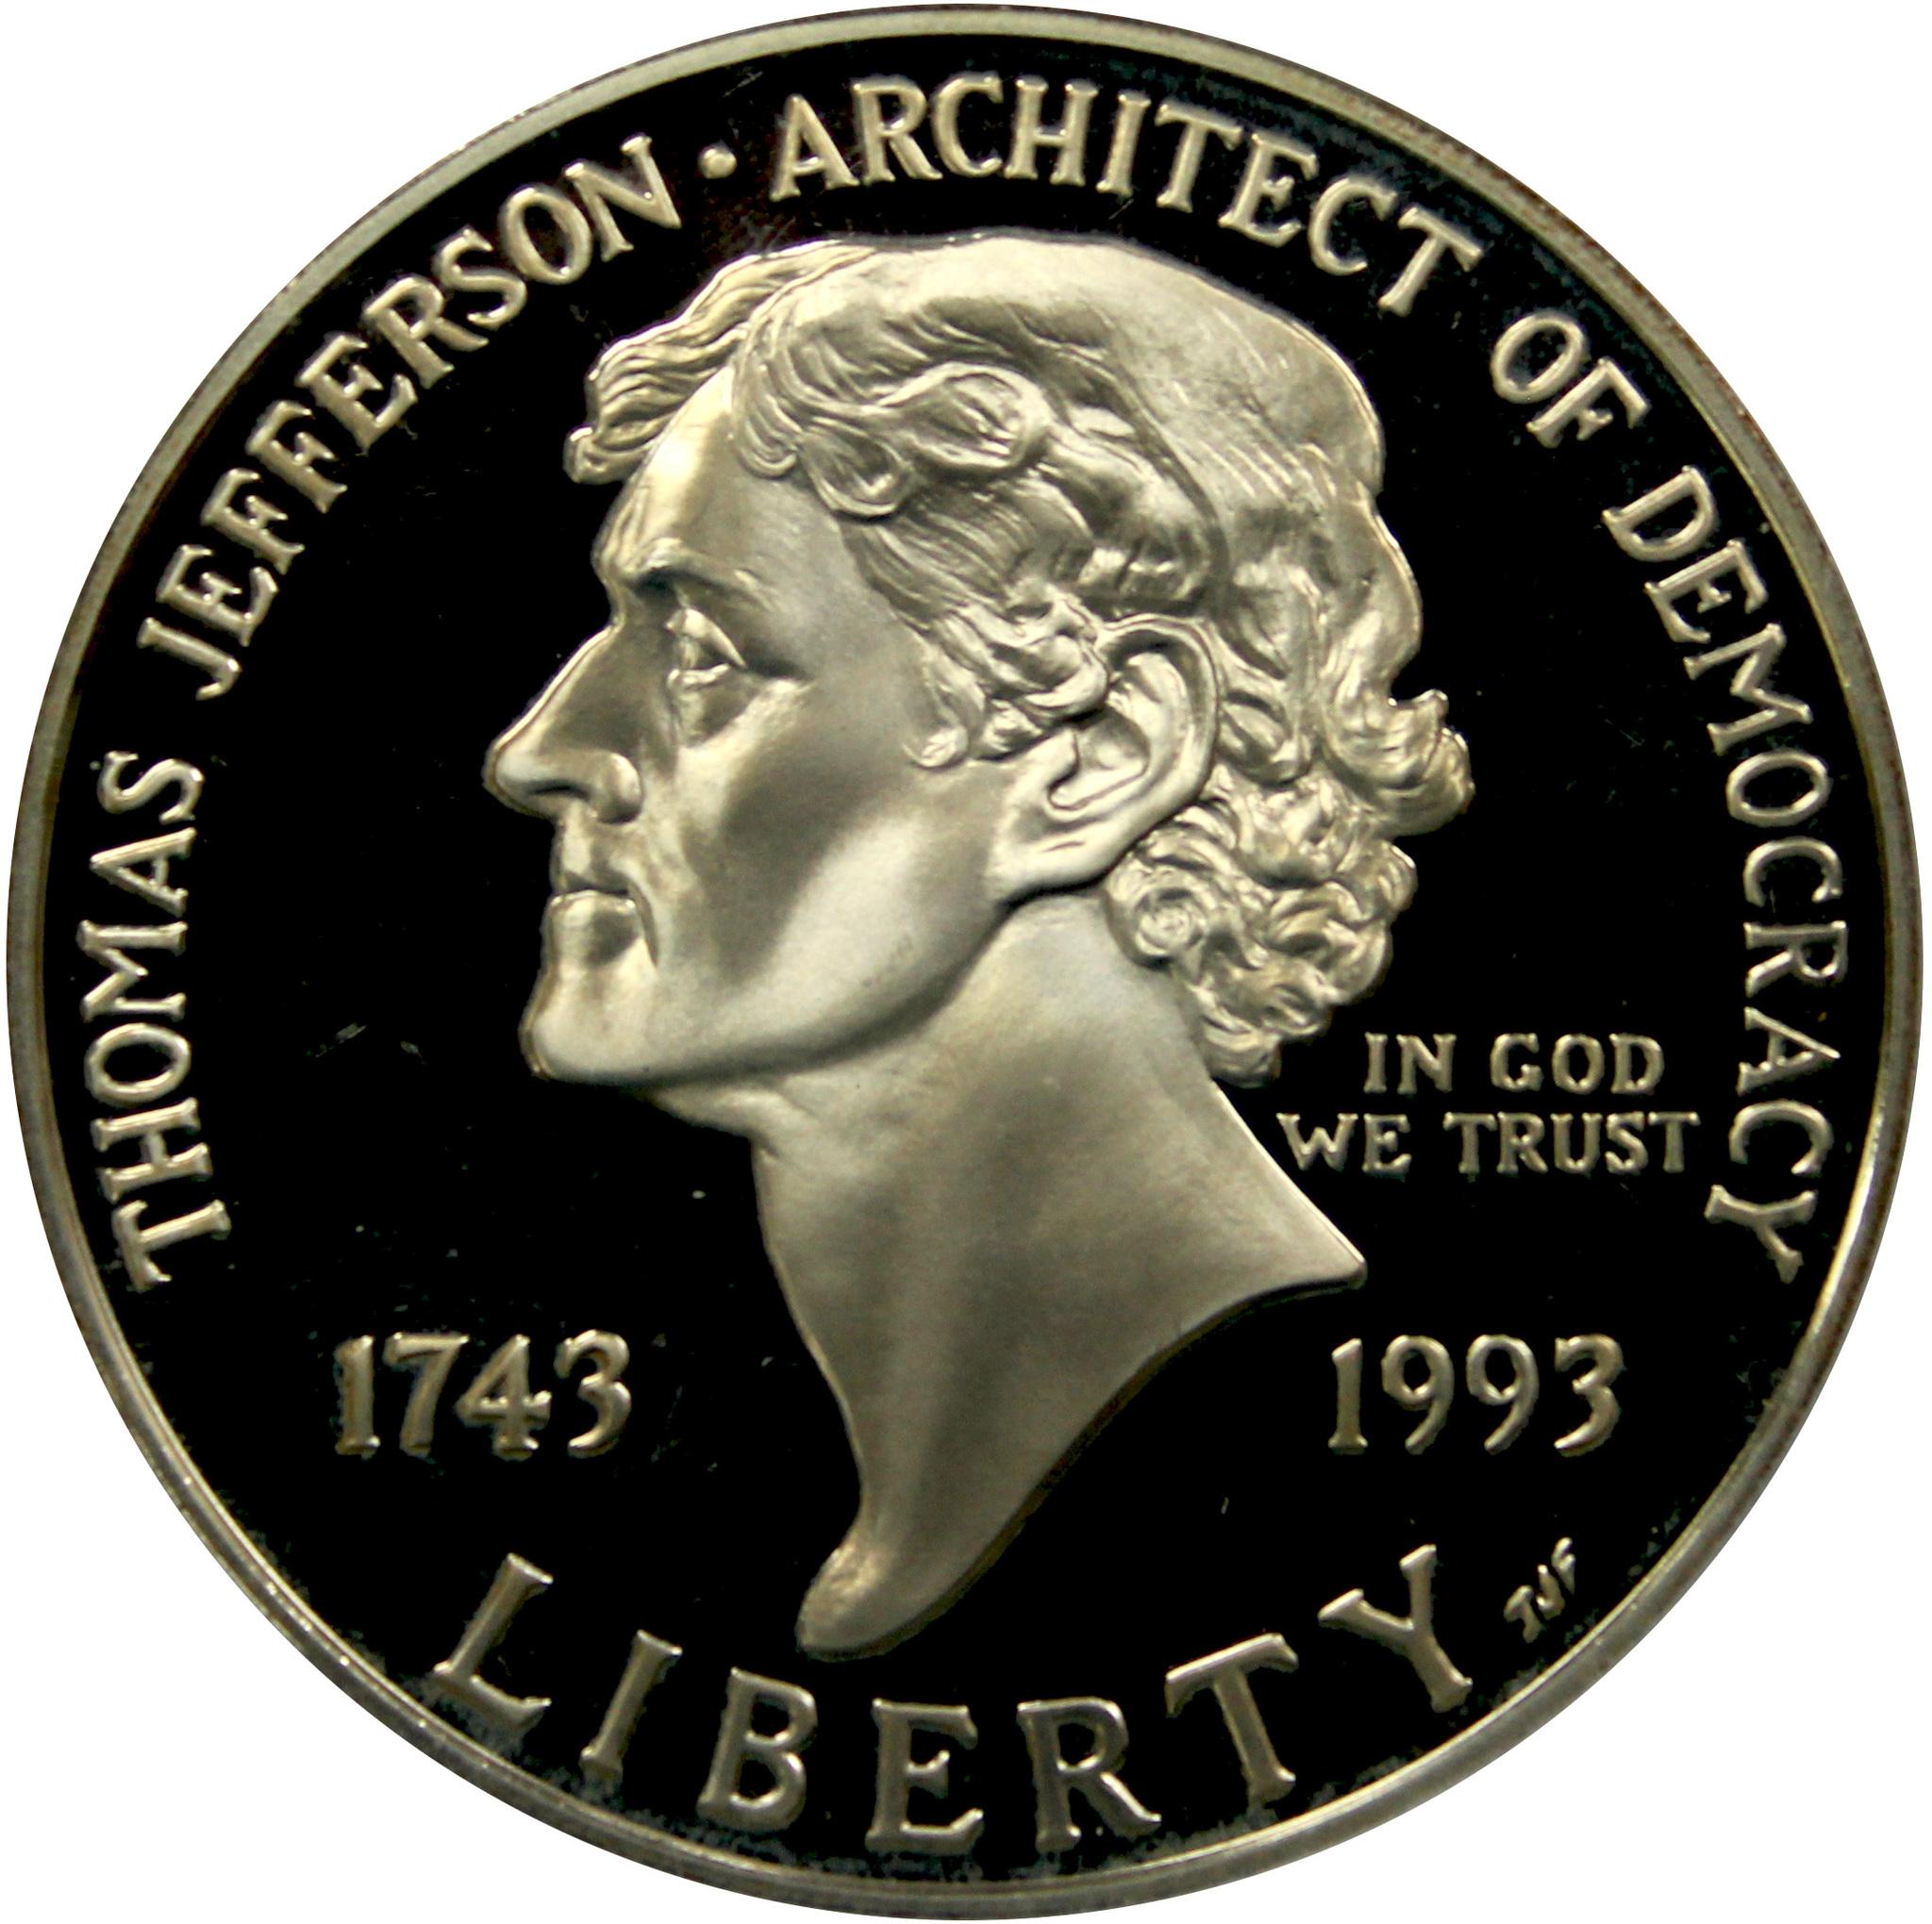 1 доллар 1993 (S) (250-летие со дня рождения Томаса Джефферсона) PROOF